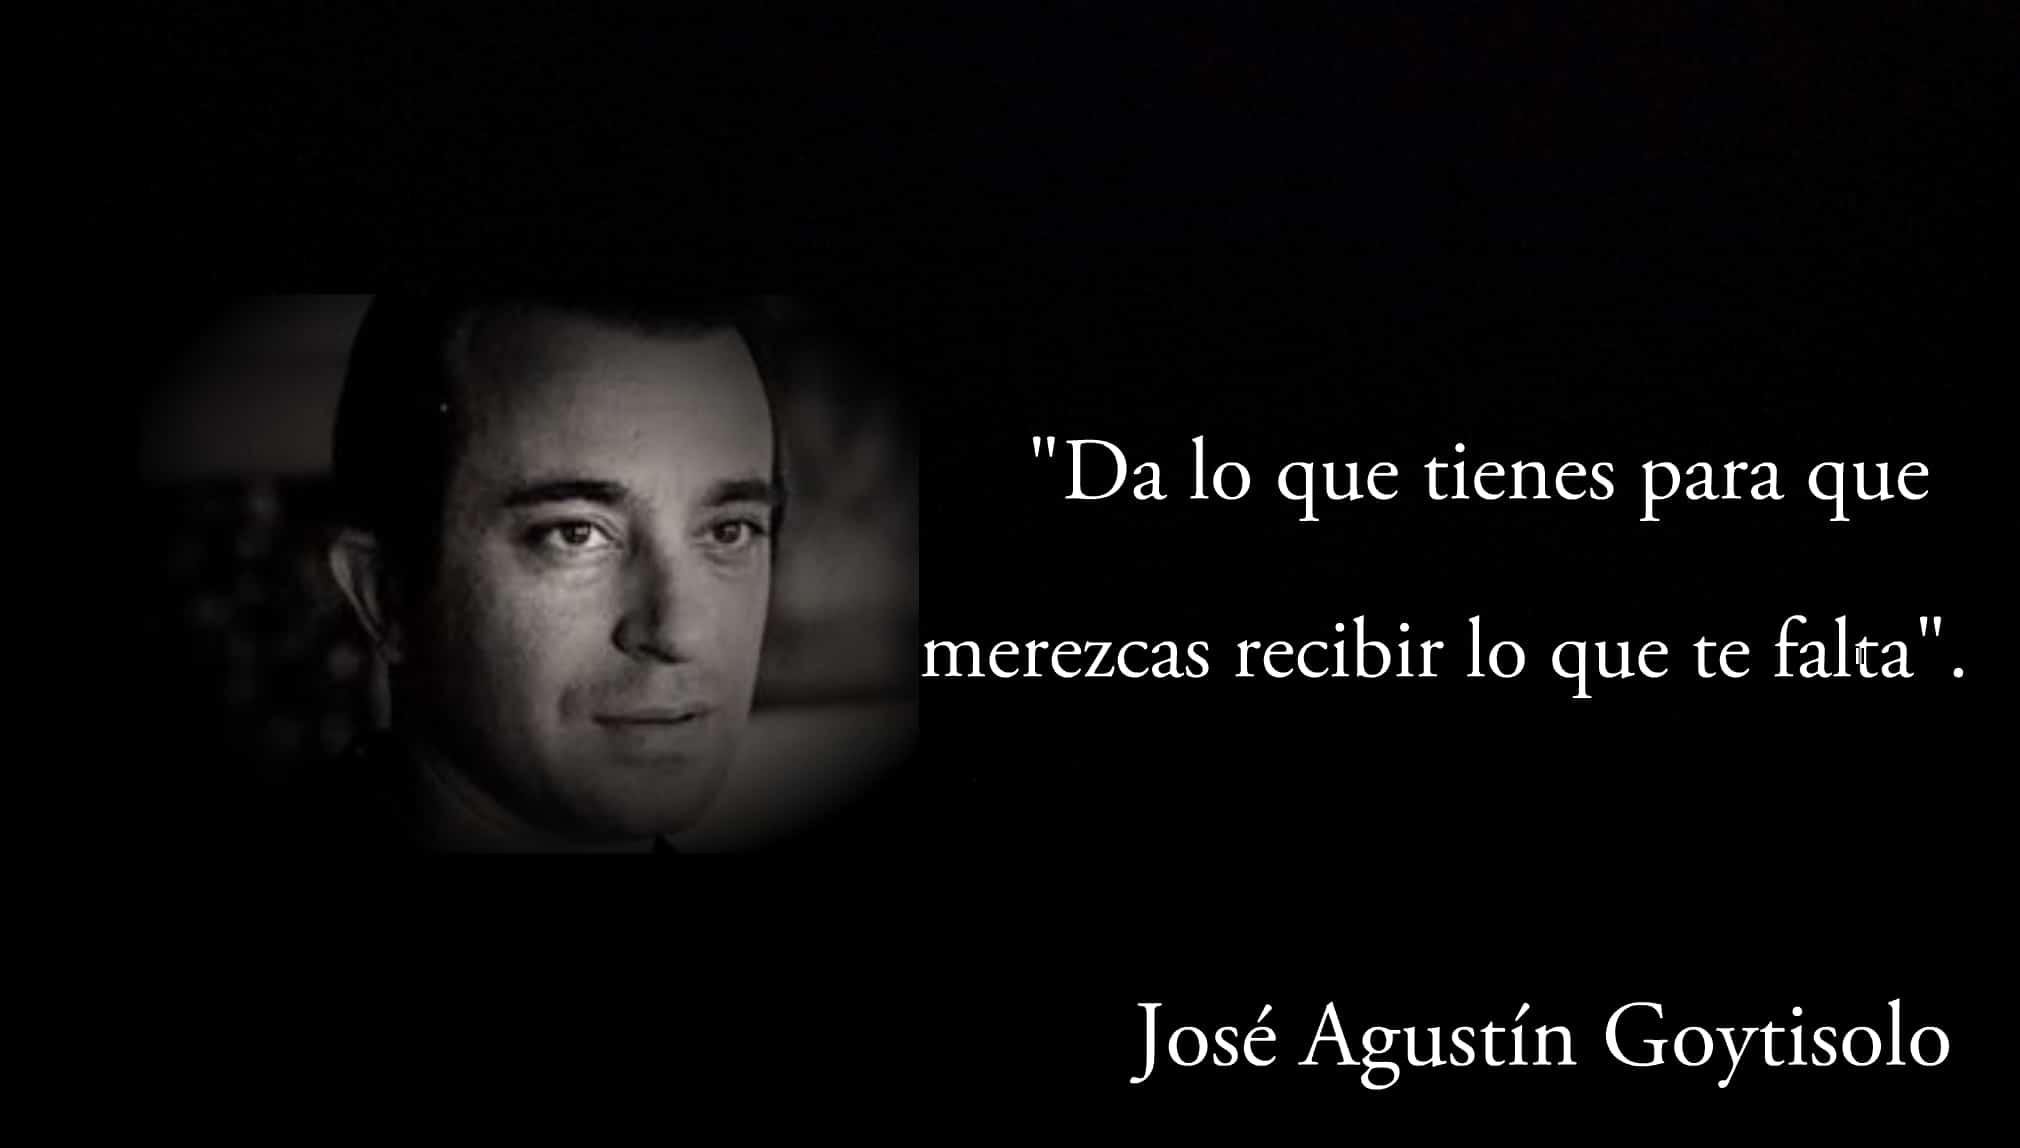 Frase de José Agustín Goytisolo.